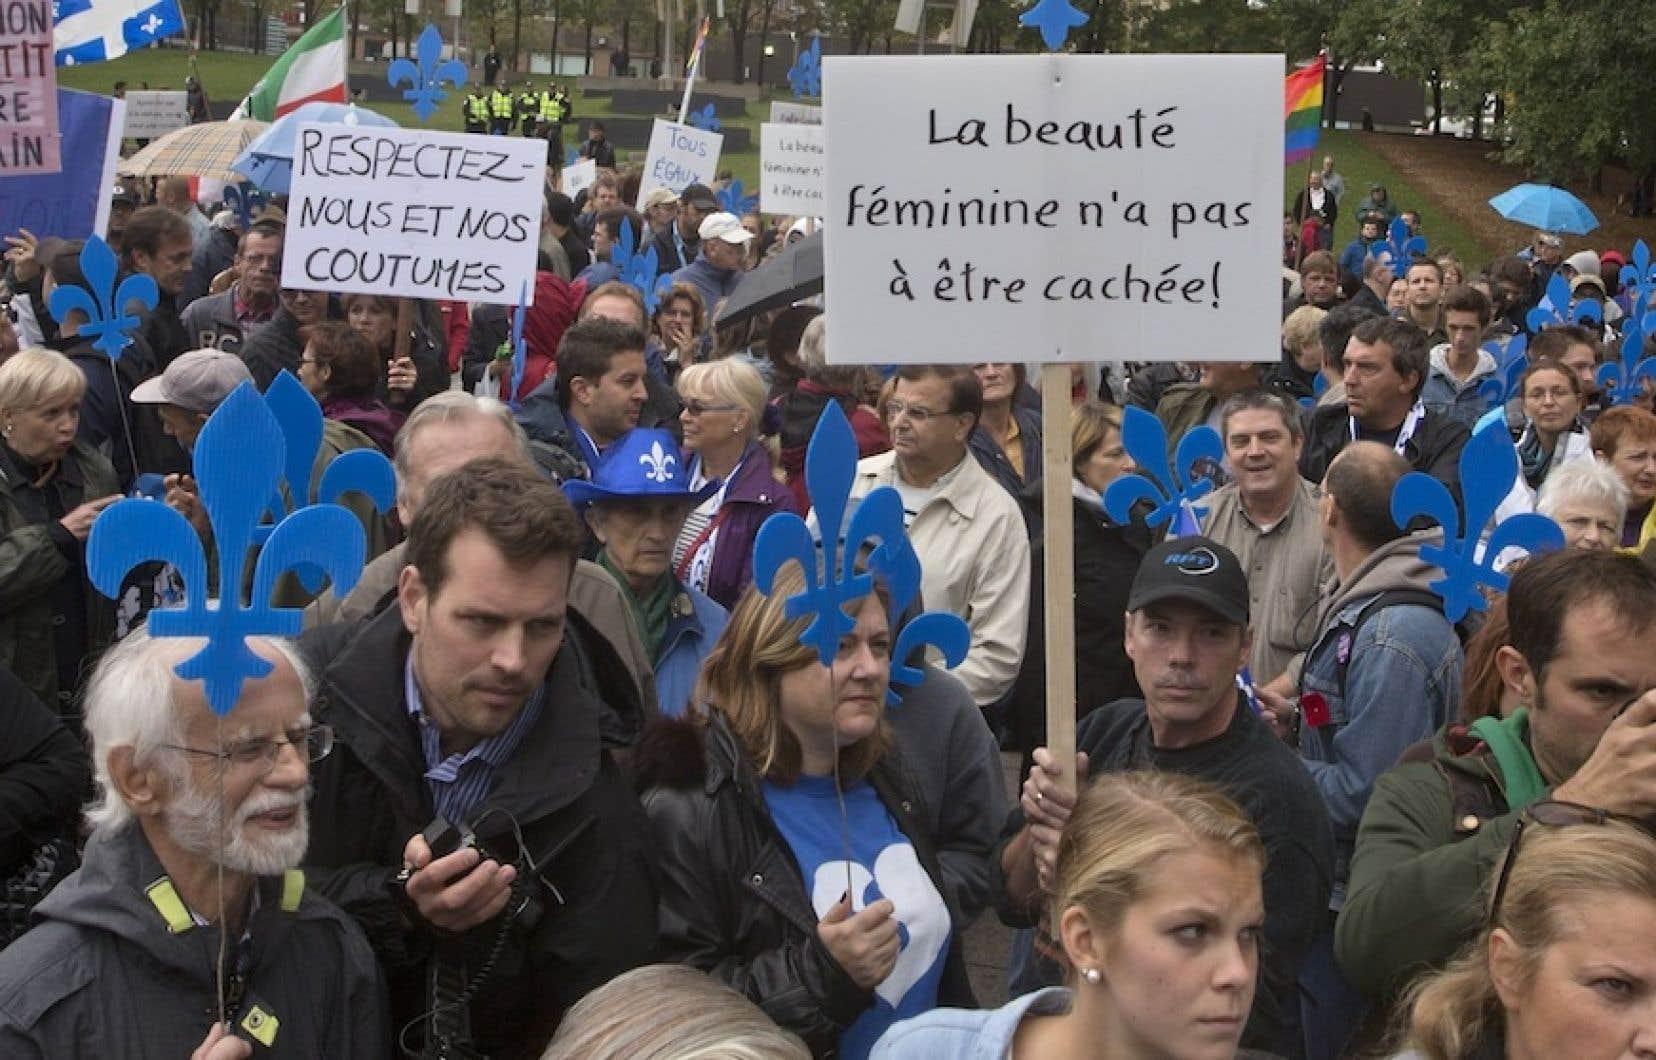 Un millier de personnes en faveur de la laïcité et de la neutralité religieuse de l'État ont sillonné le trajet entre la place Émilie-Gamelin et la place du Canada.